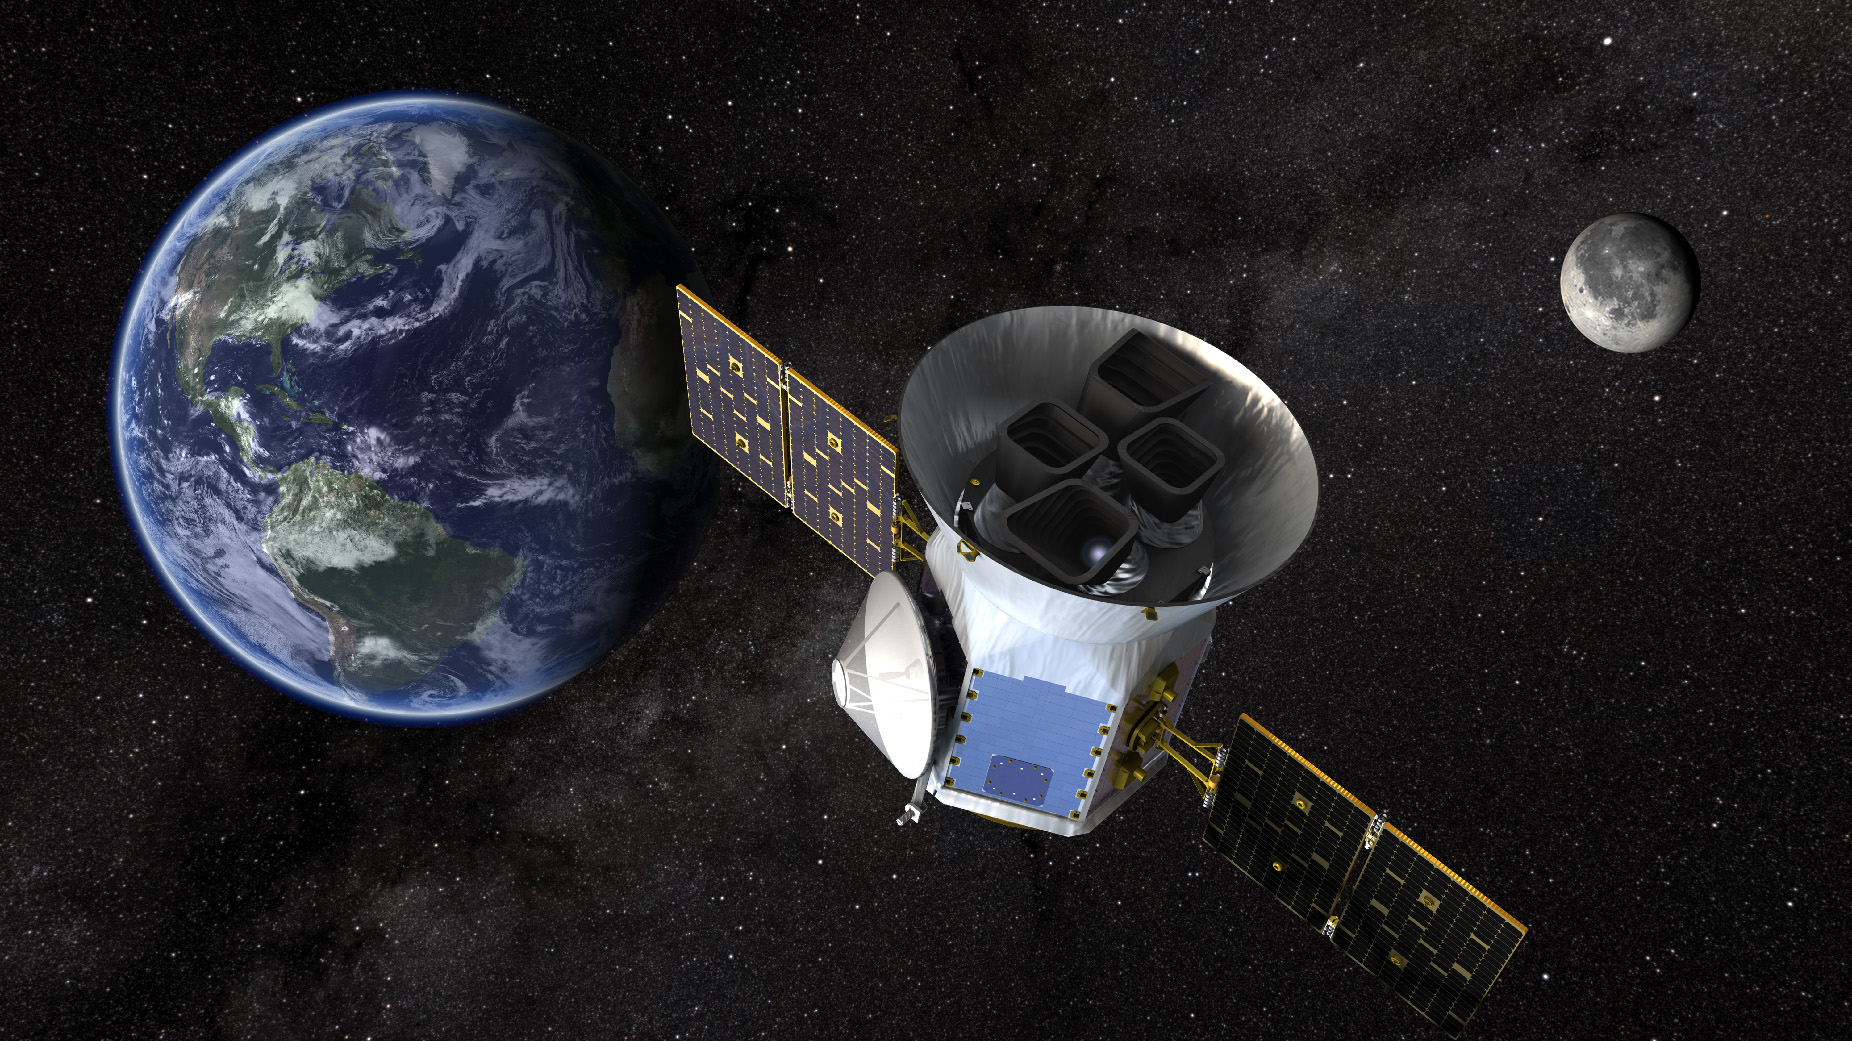 Vesmírný teleskop TESS úspěšně vyletěl do vesmíru, nyní ho čeká průlet kolem Měsíce